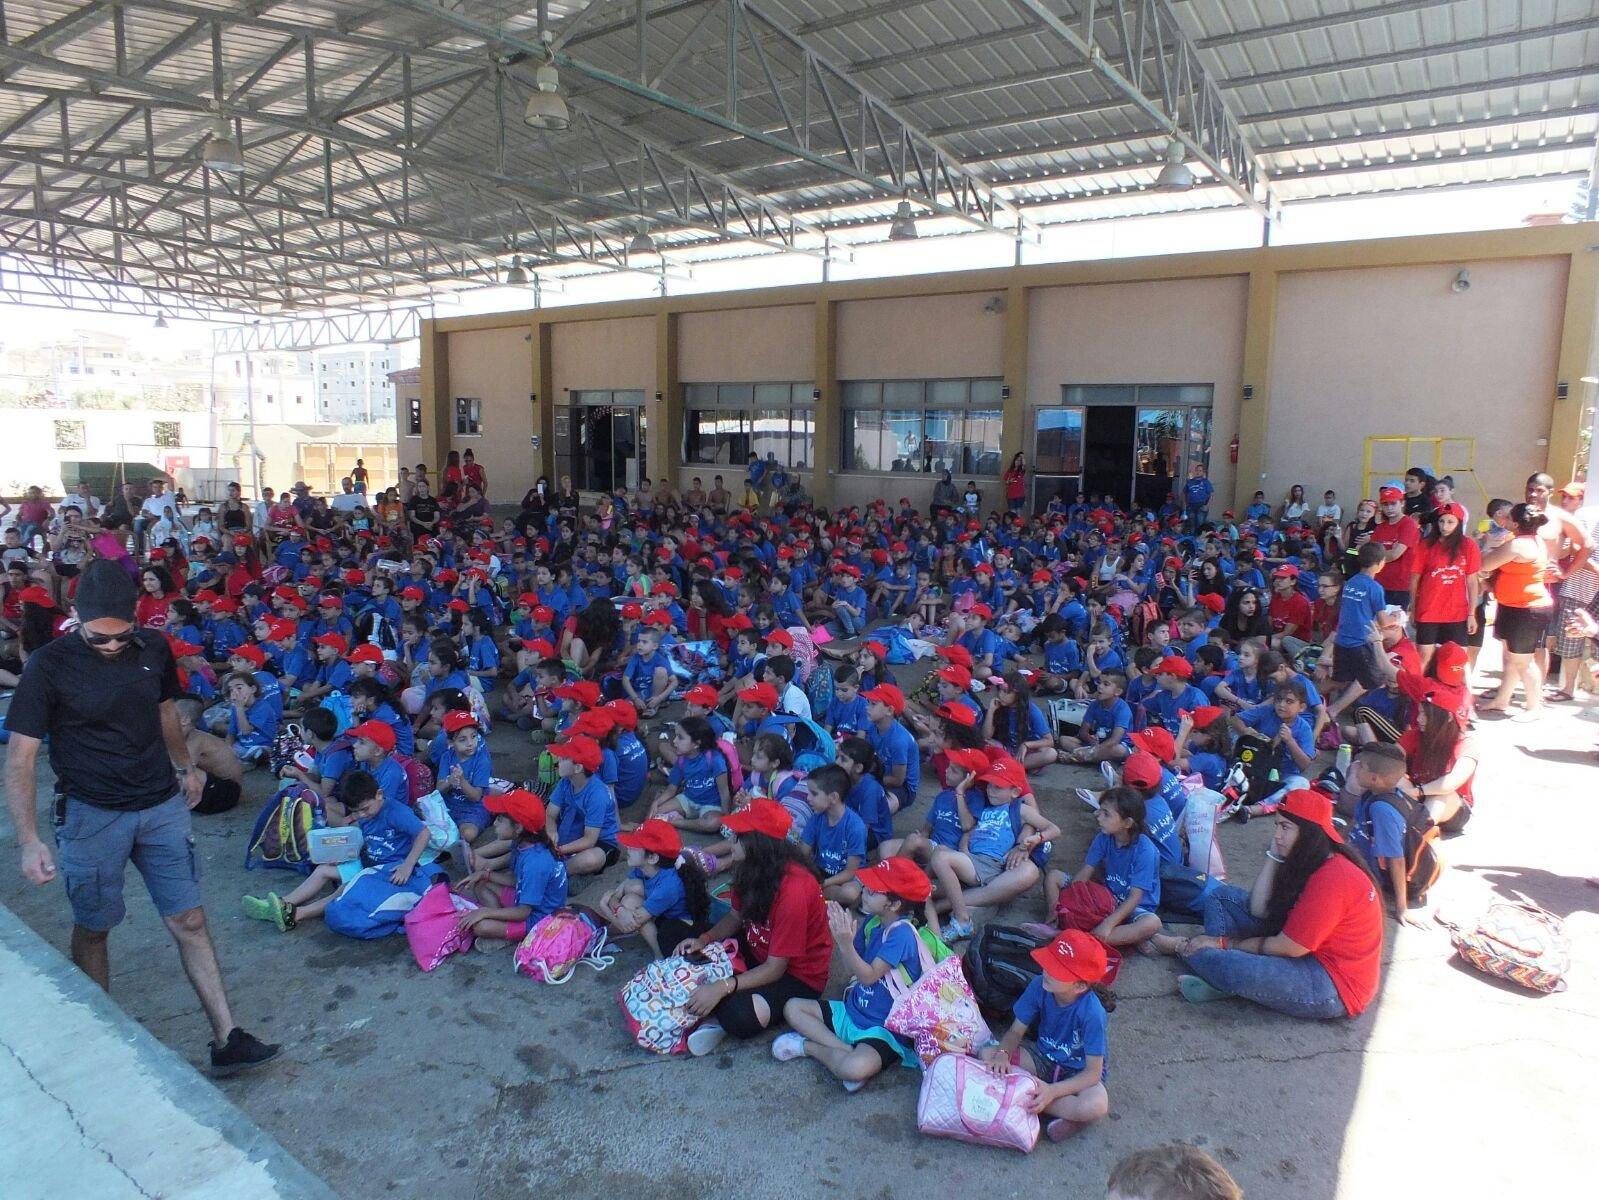 فعاليات ضخمة في المخيم الصيفي في يافة الناصرة